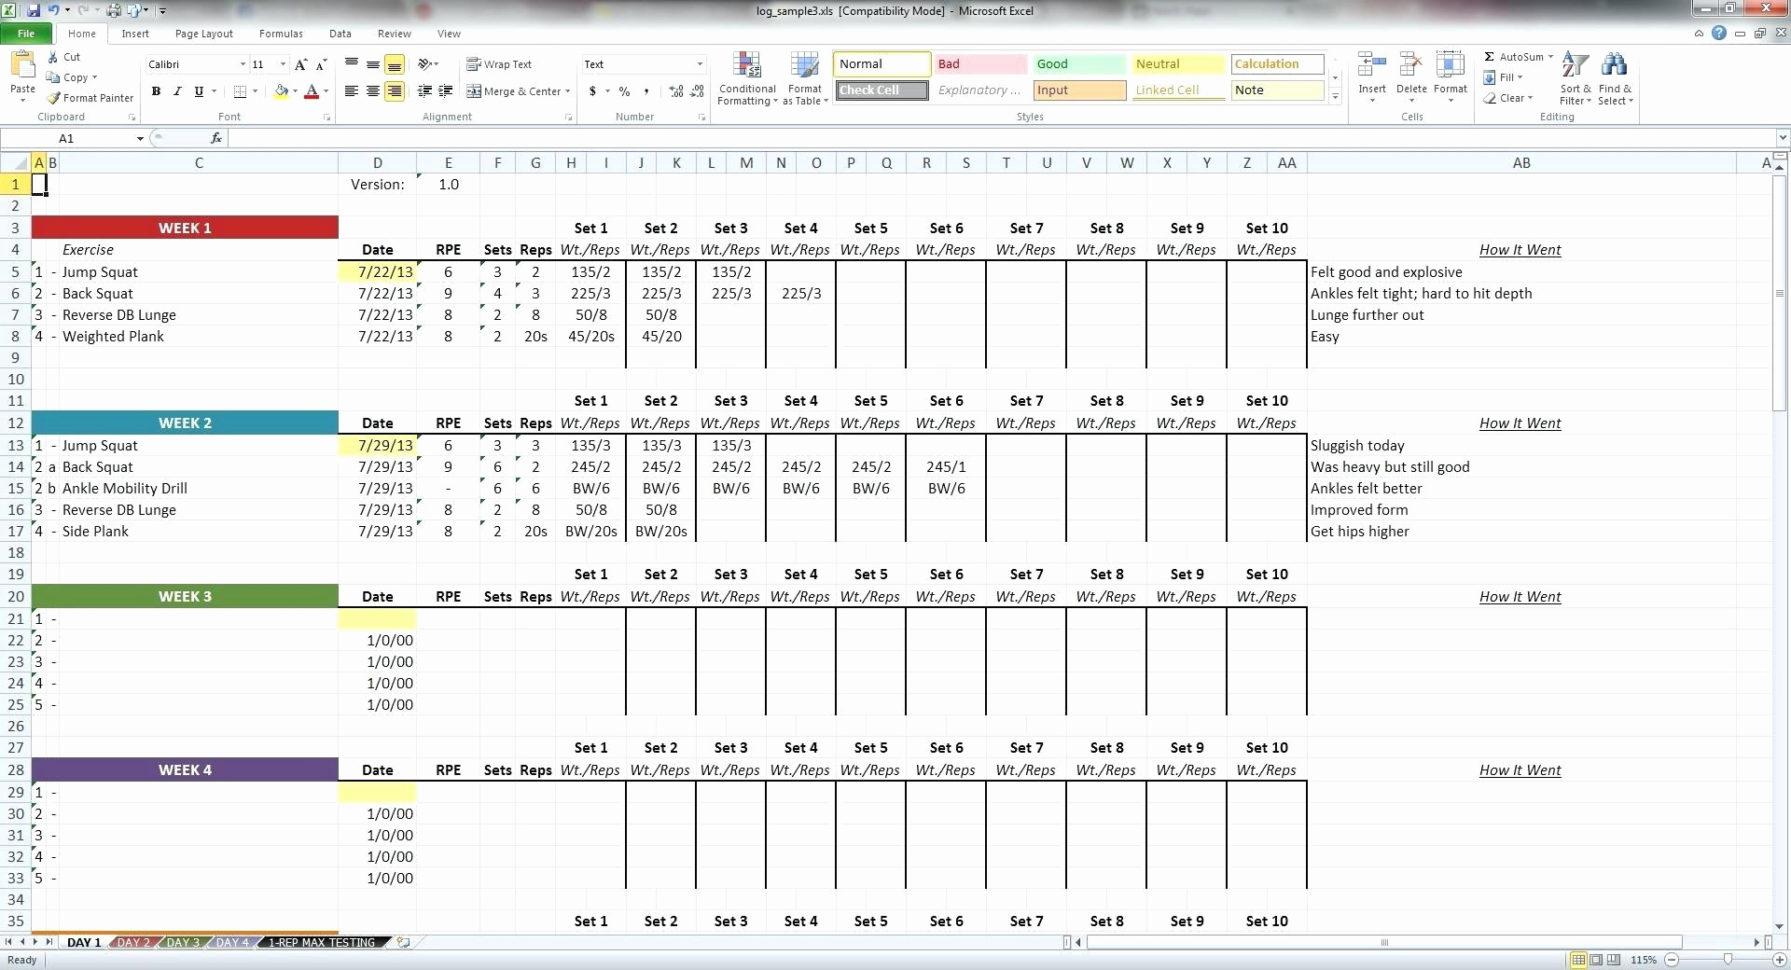 Tracking Employee Training Spreadsheet Awesome Luxury Employee With Training Spreadsheet Template